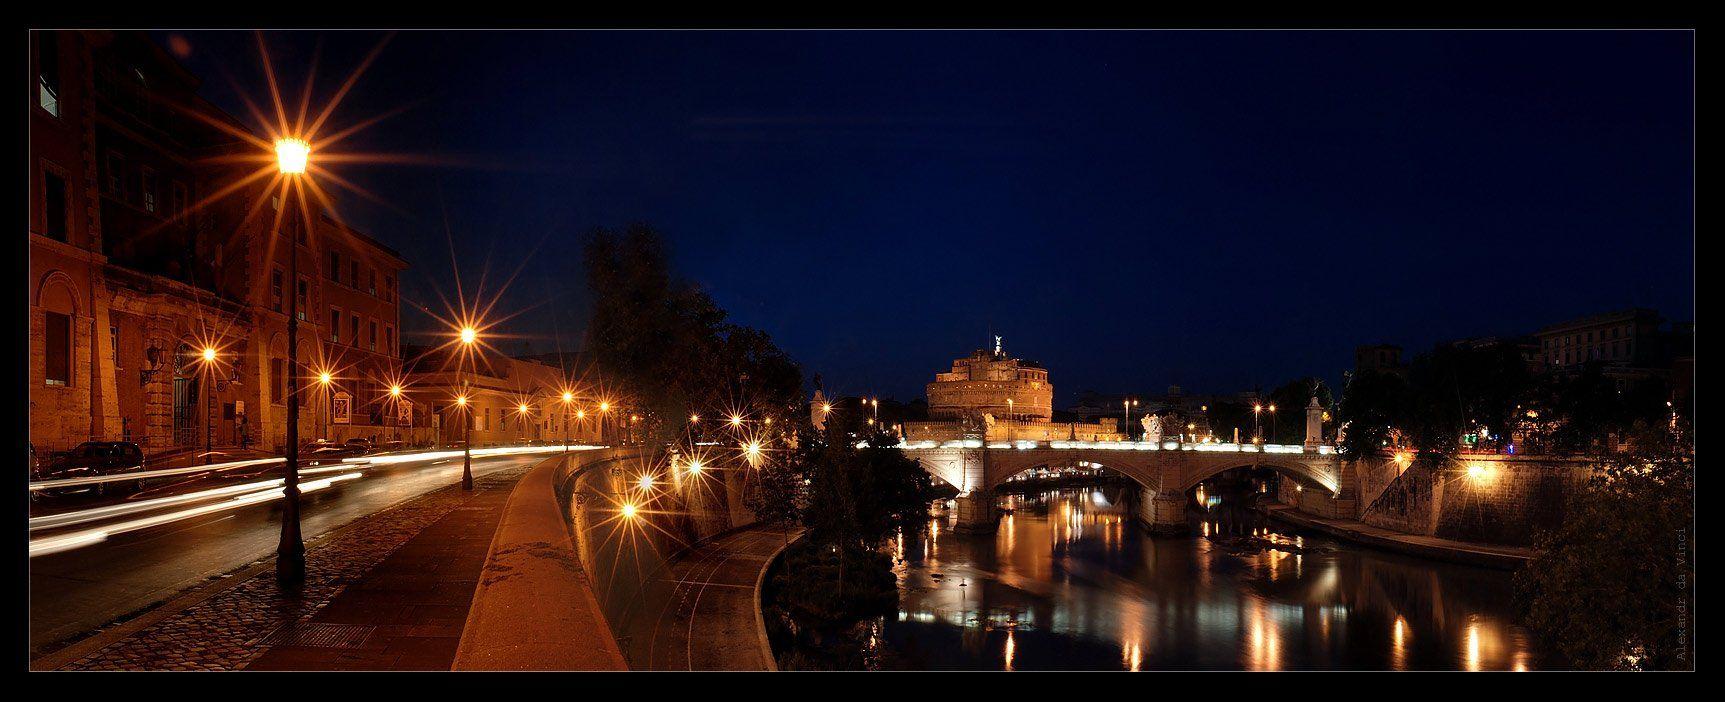 рим, ночной рим, замок святого ангела, sant'angelo, римский папа григории великий, ангел, крепость, Alexandr da Vinci